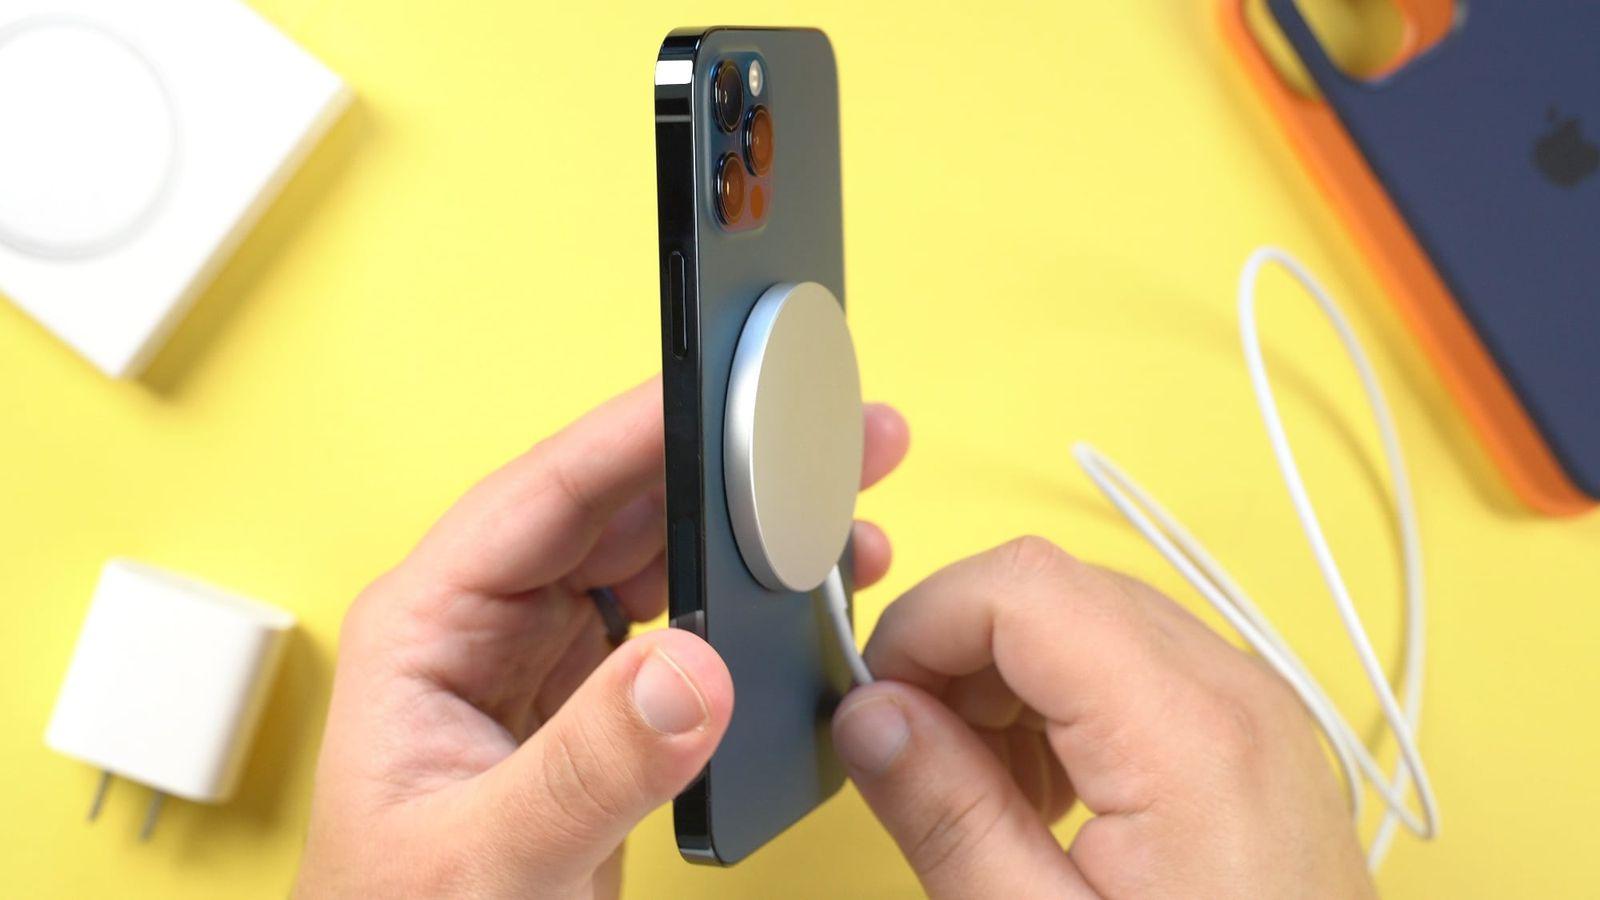 Τεχνολογία Apple: Αναπτυξιακές προκλήσεις αναβάλλουν το λανσάρισμα του iPhone 12s μαγνητικού φορτιστή